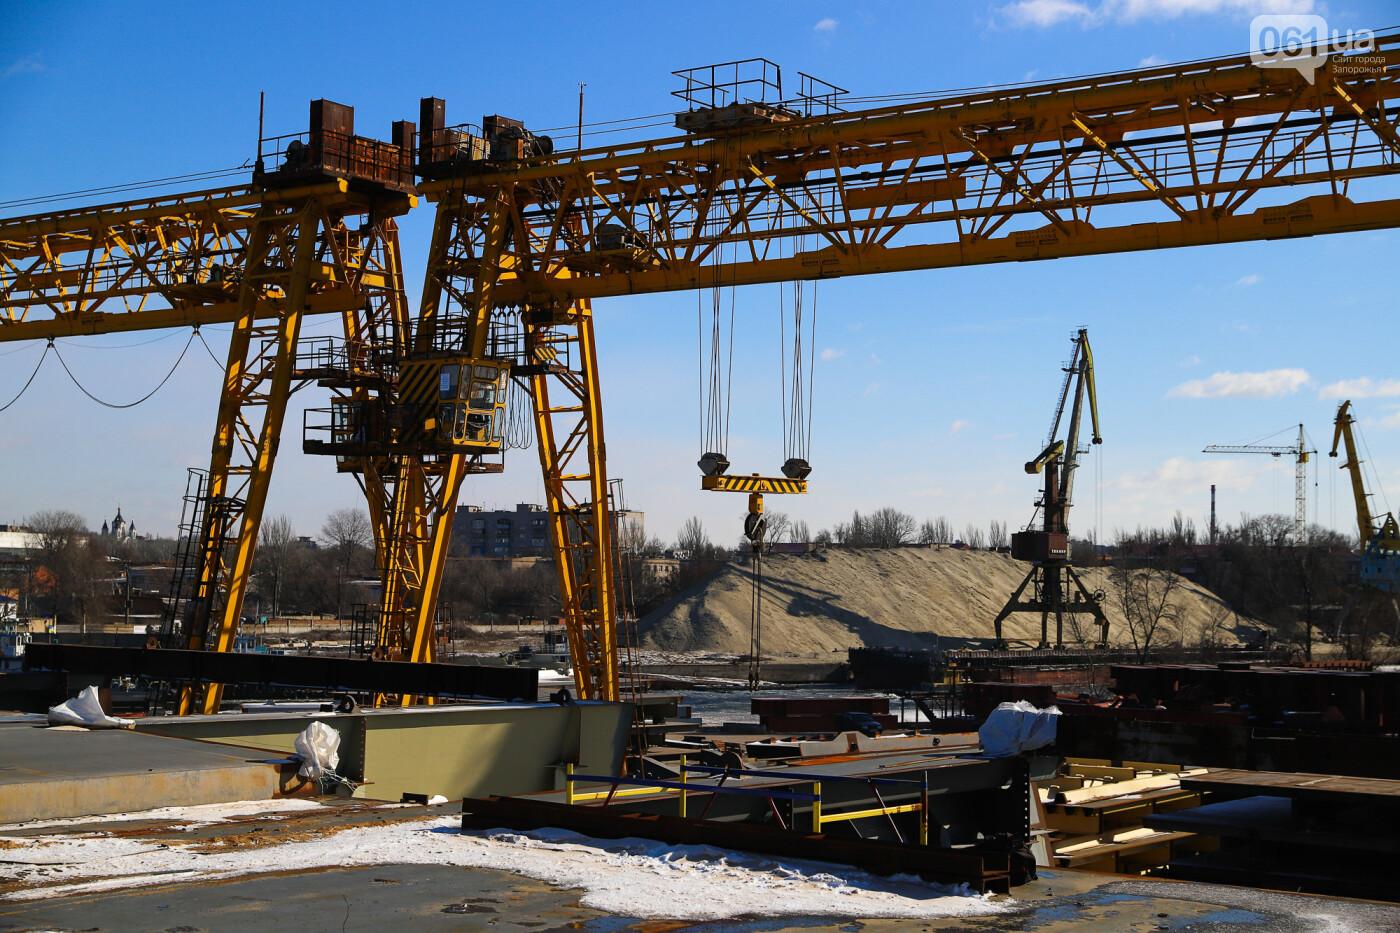 Кран с иностранной пропиской, ванты и металл: строительство запорожских мостов в фотографиях, фото-21